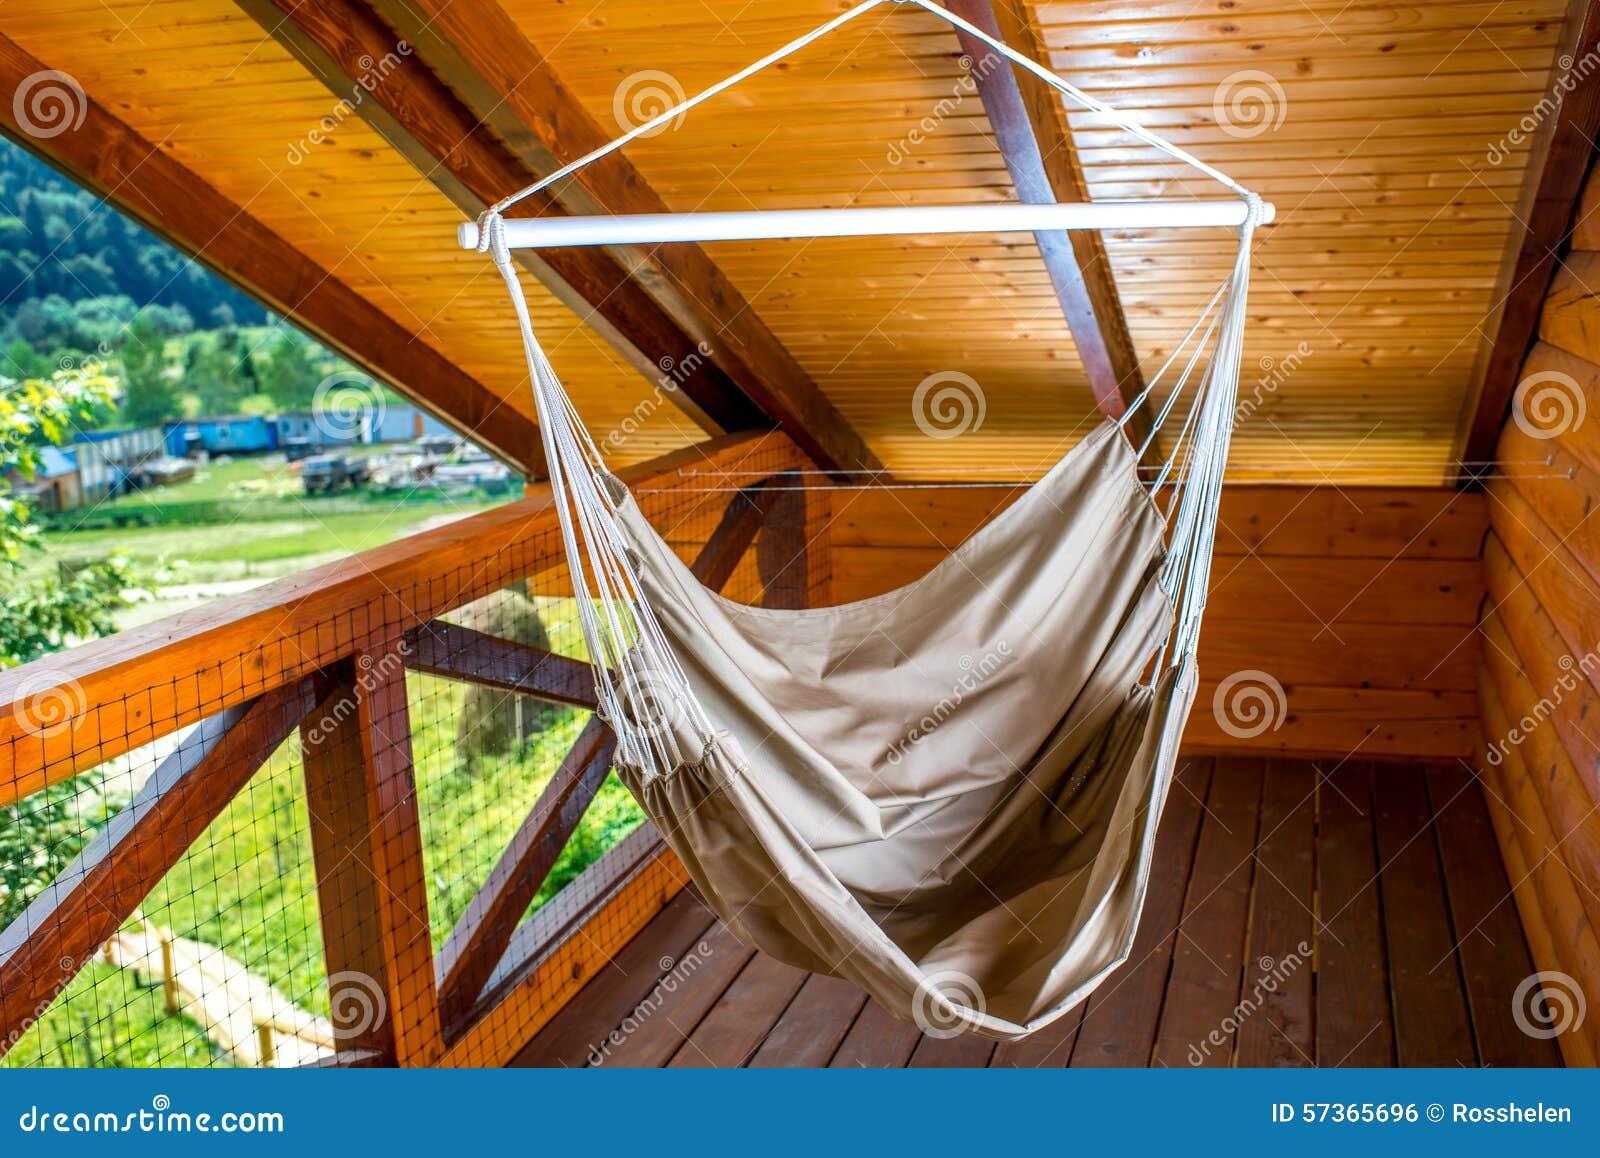 Hangematte Auf Dem Balkon Stockfoto Bild Von Terrasse 57365696